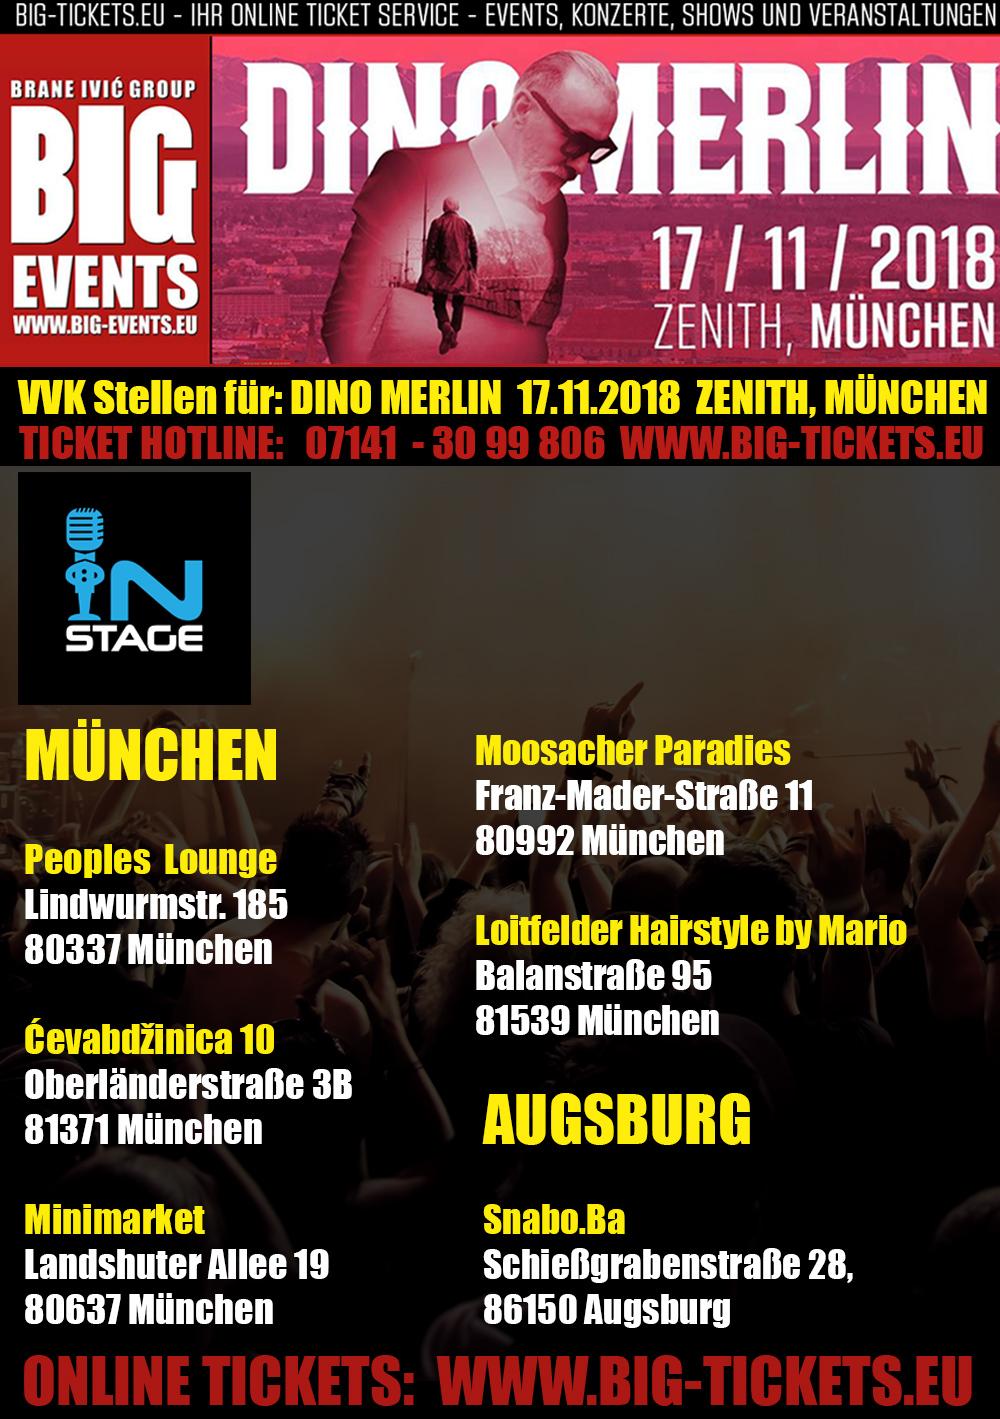 VVK Stellen DINO MERLIN München